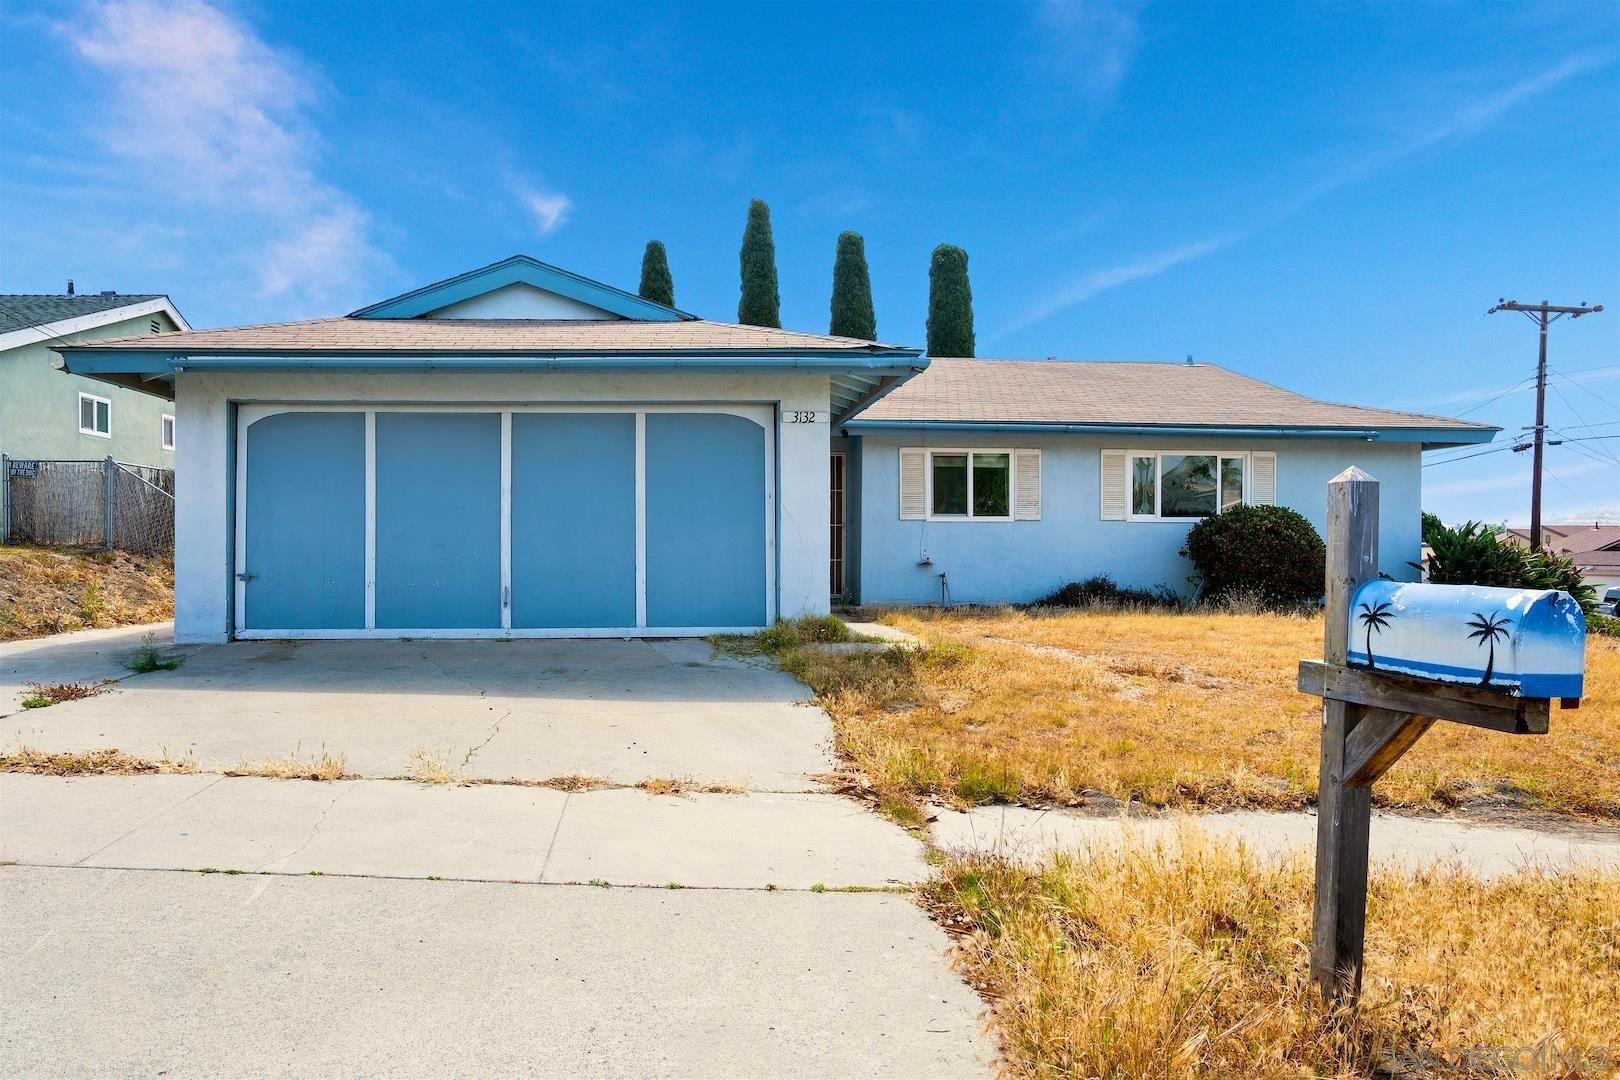 Main Photo: OCEANSIDE House for sale : 4 bedrooms : 3132 Glenn Rd